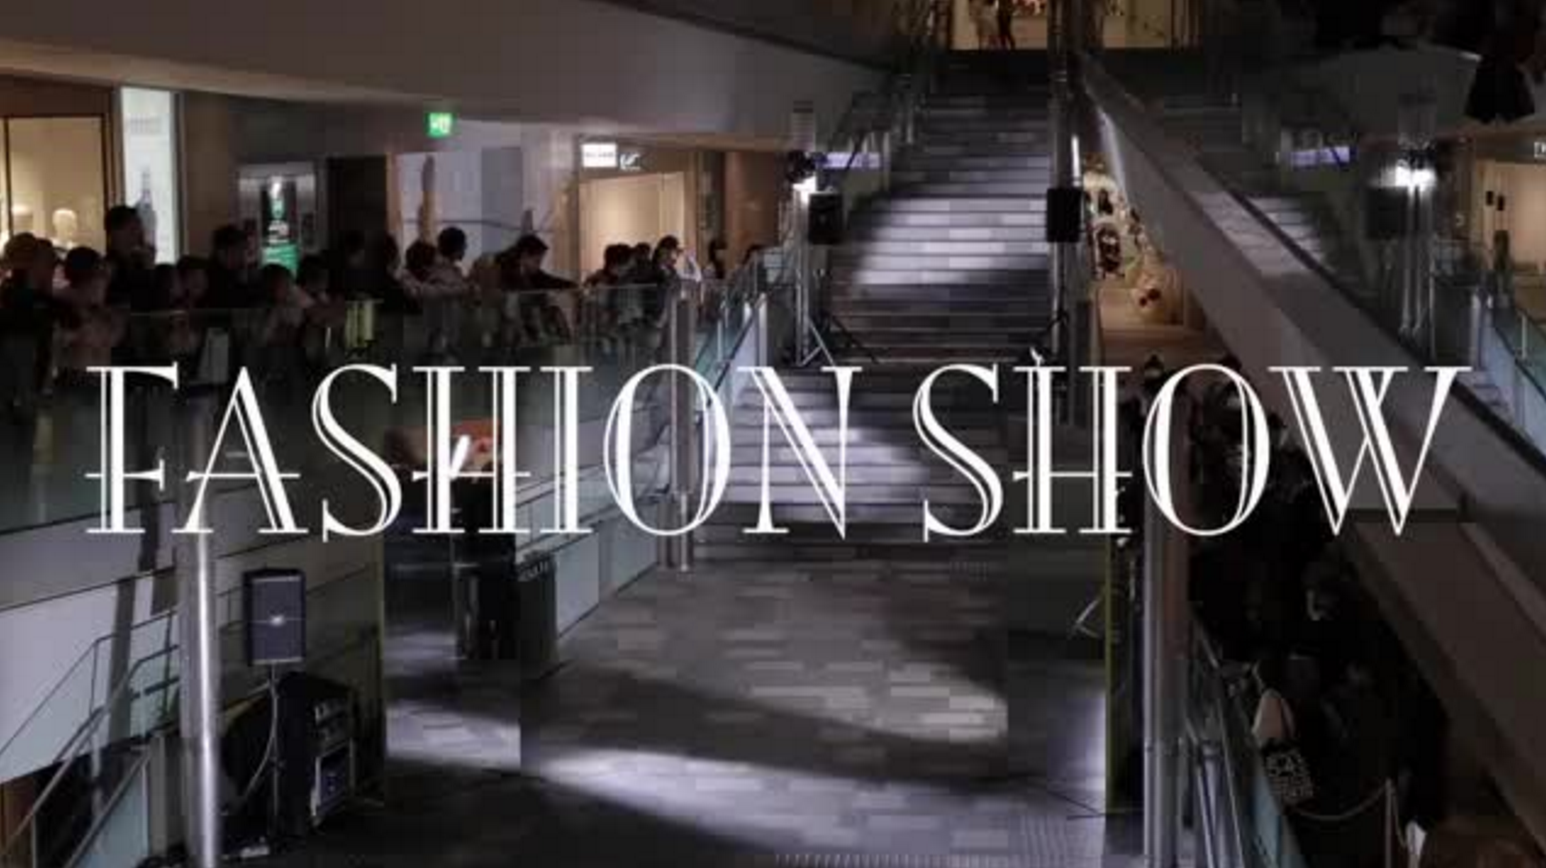 表参道ヒルズが開業10周年&リニューアル!「メゾン ミハラヤスヒロ」の豪華ファッションショーも開催